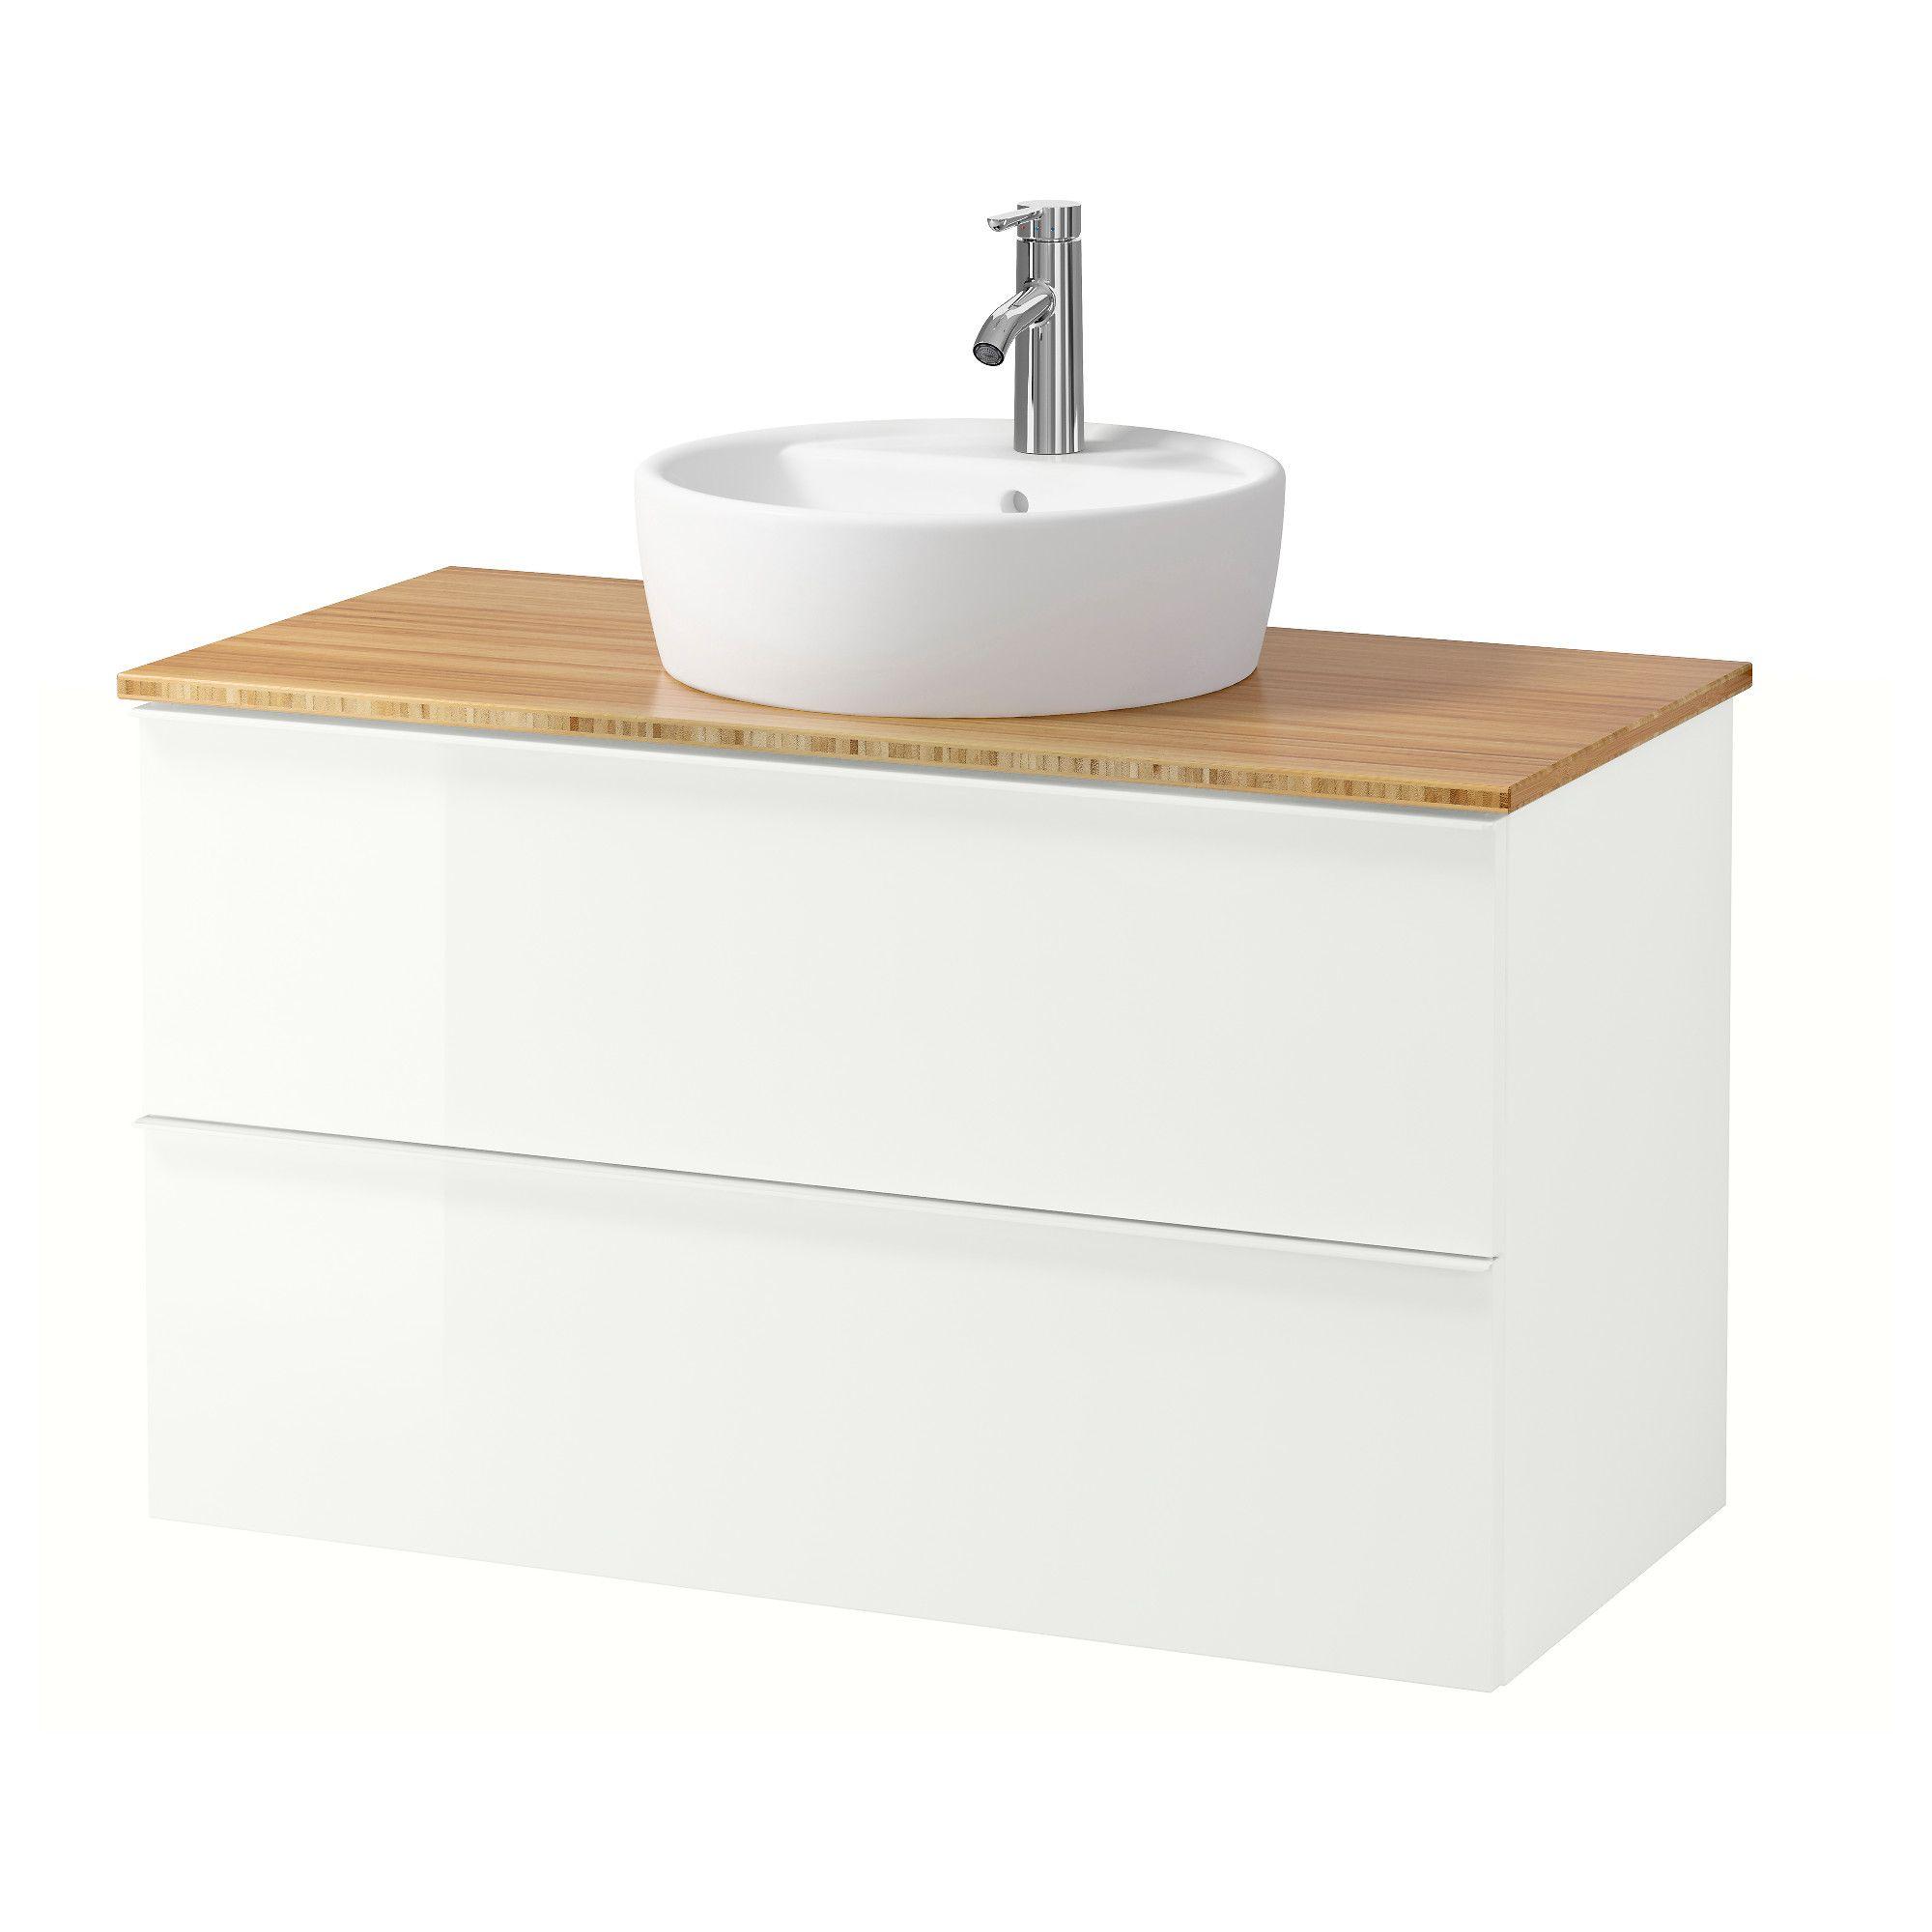 Ikea Godmorgon Tolken T Rnviken Cabinet Countertop 19 5 8  # Muebles Godmorgon Ikea